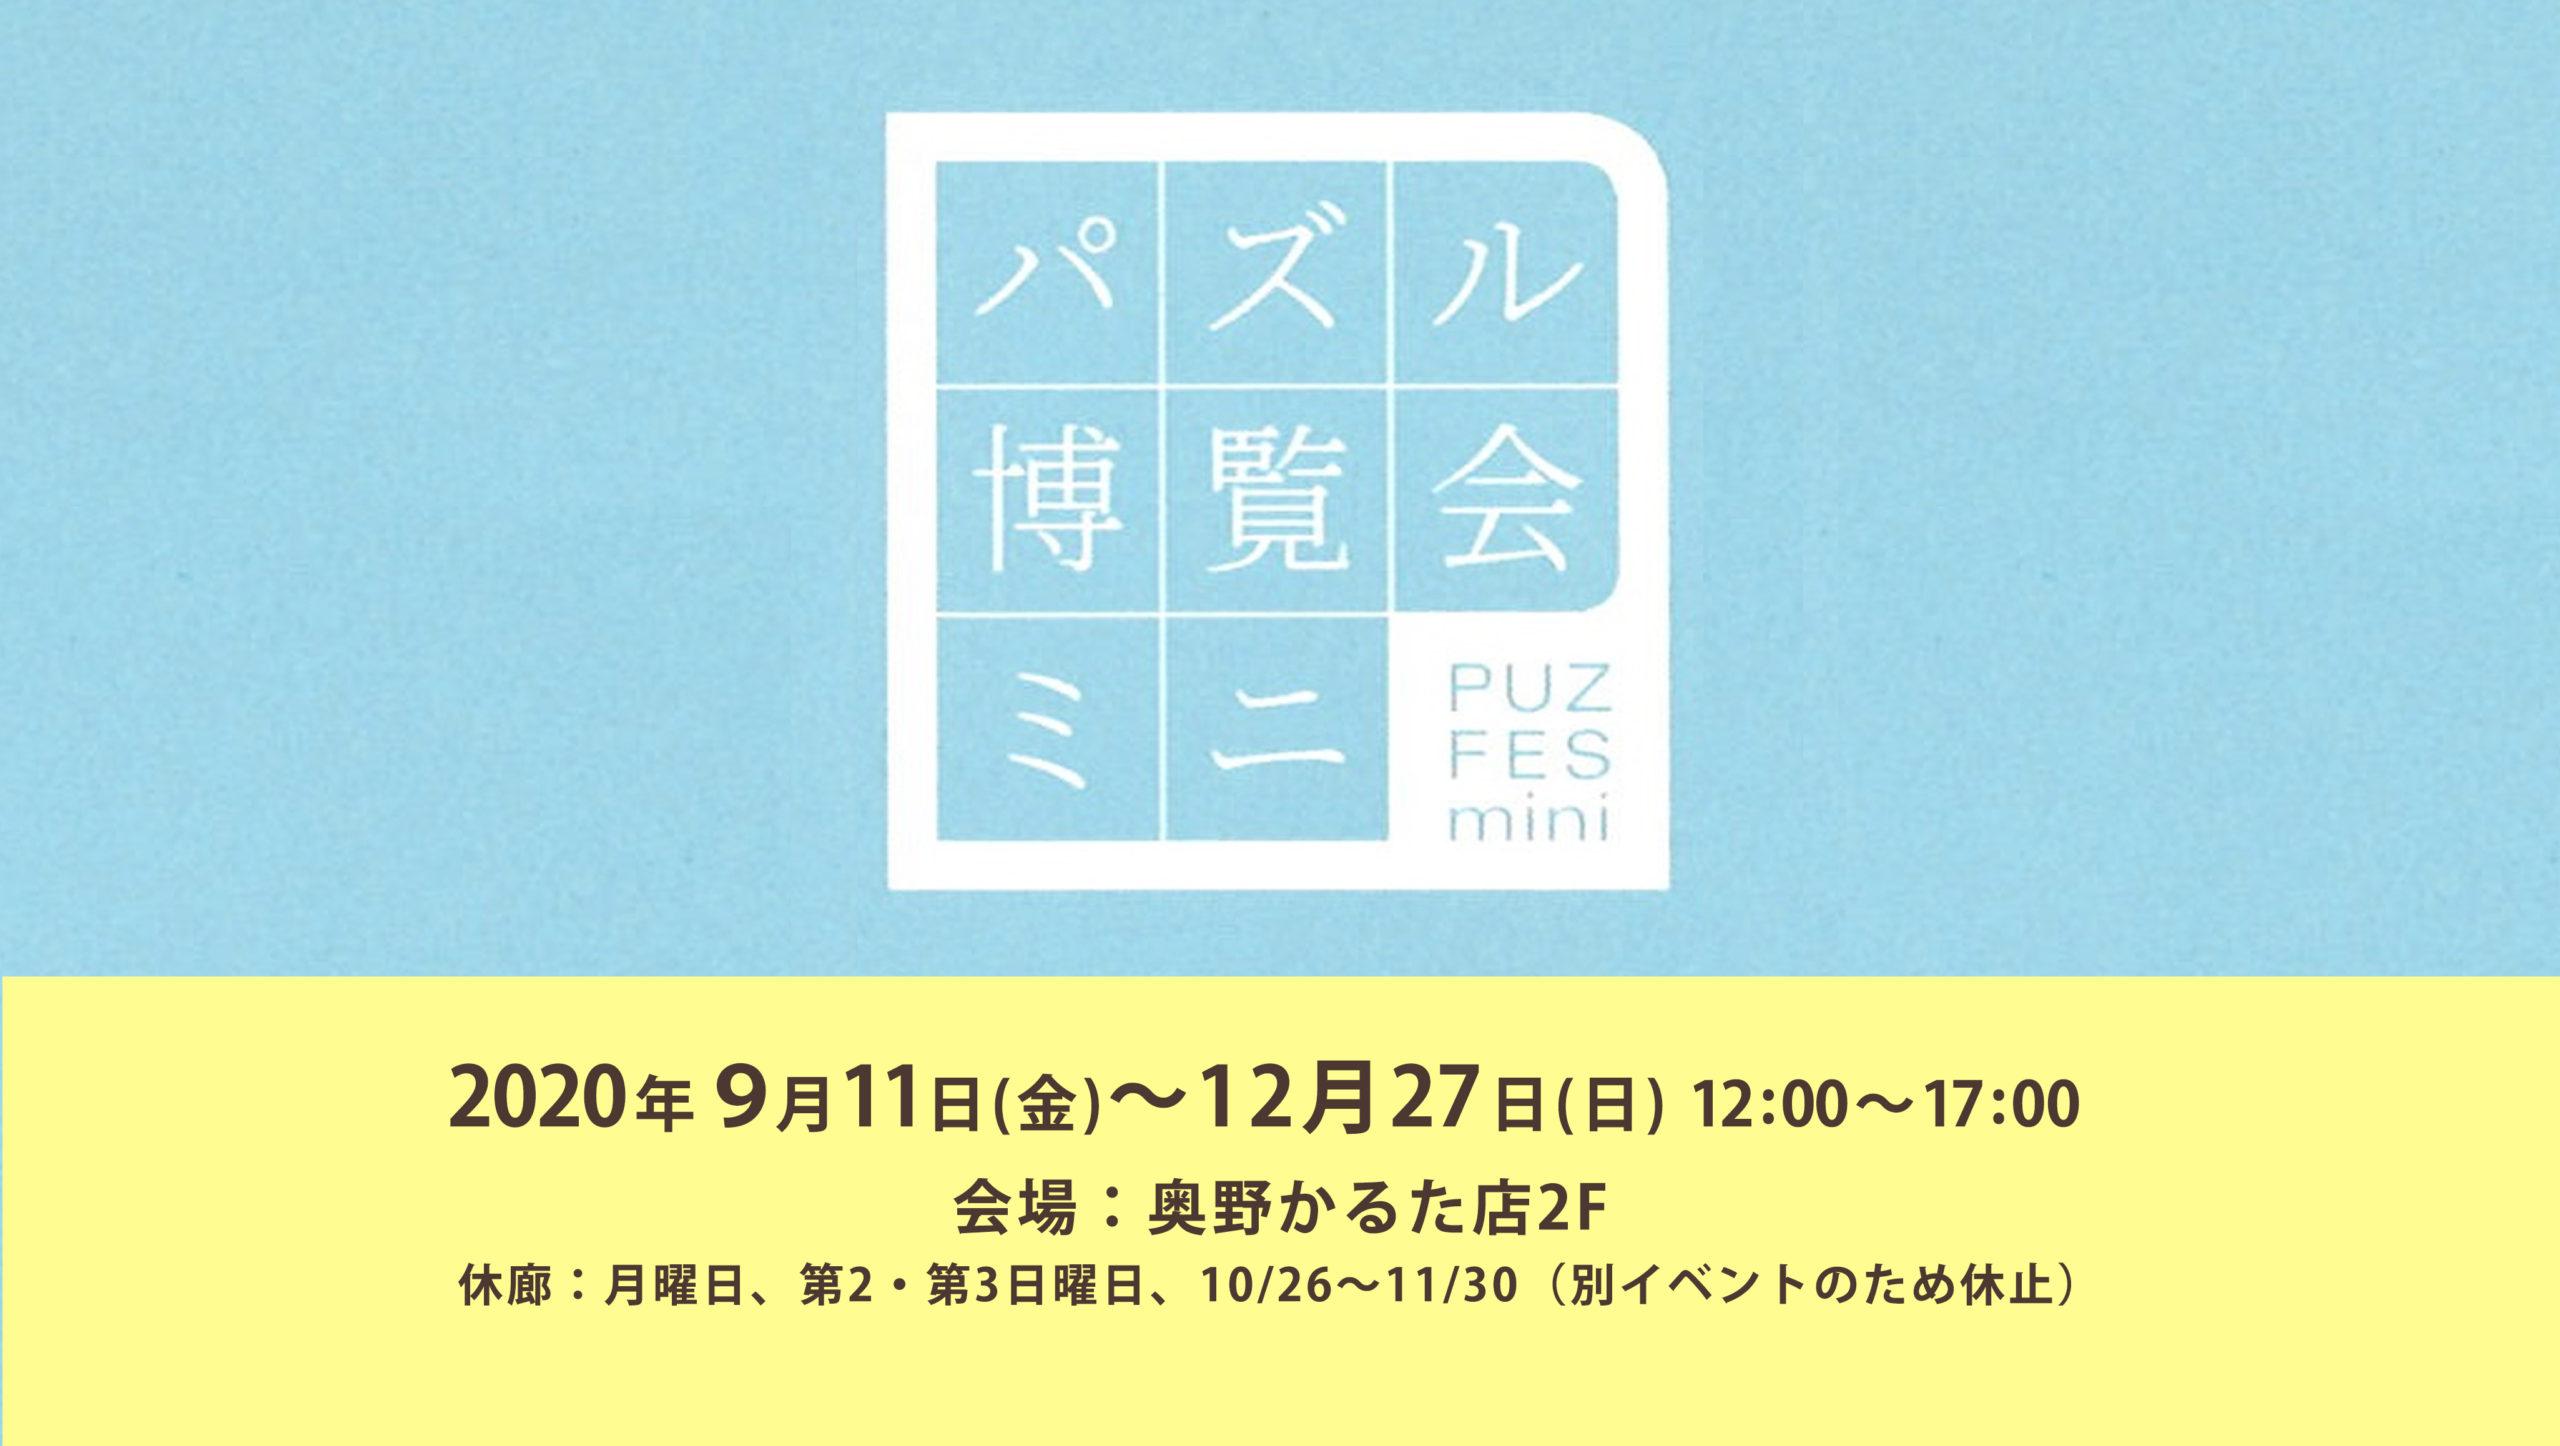 本日より2階にて「ミニパズルフェア」開催!